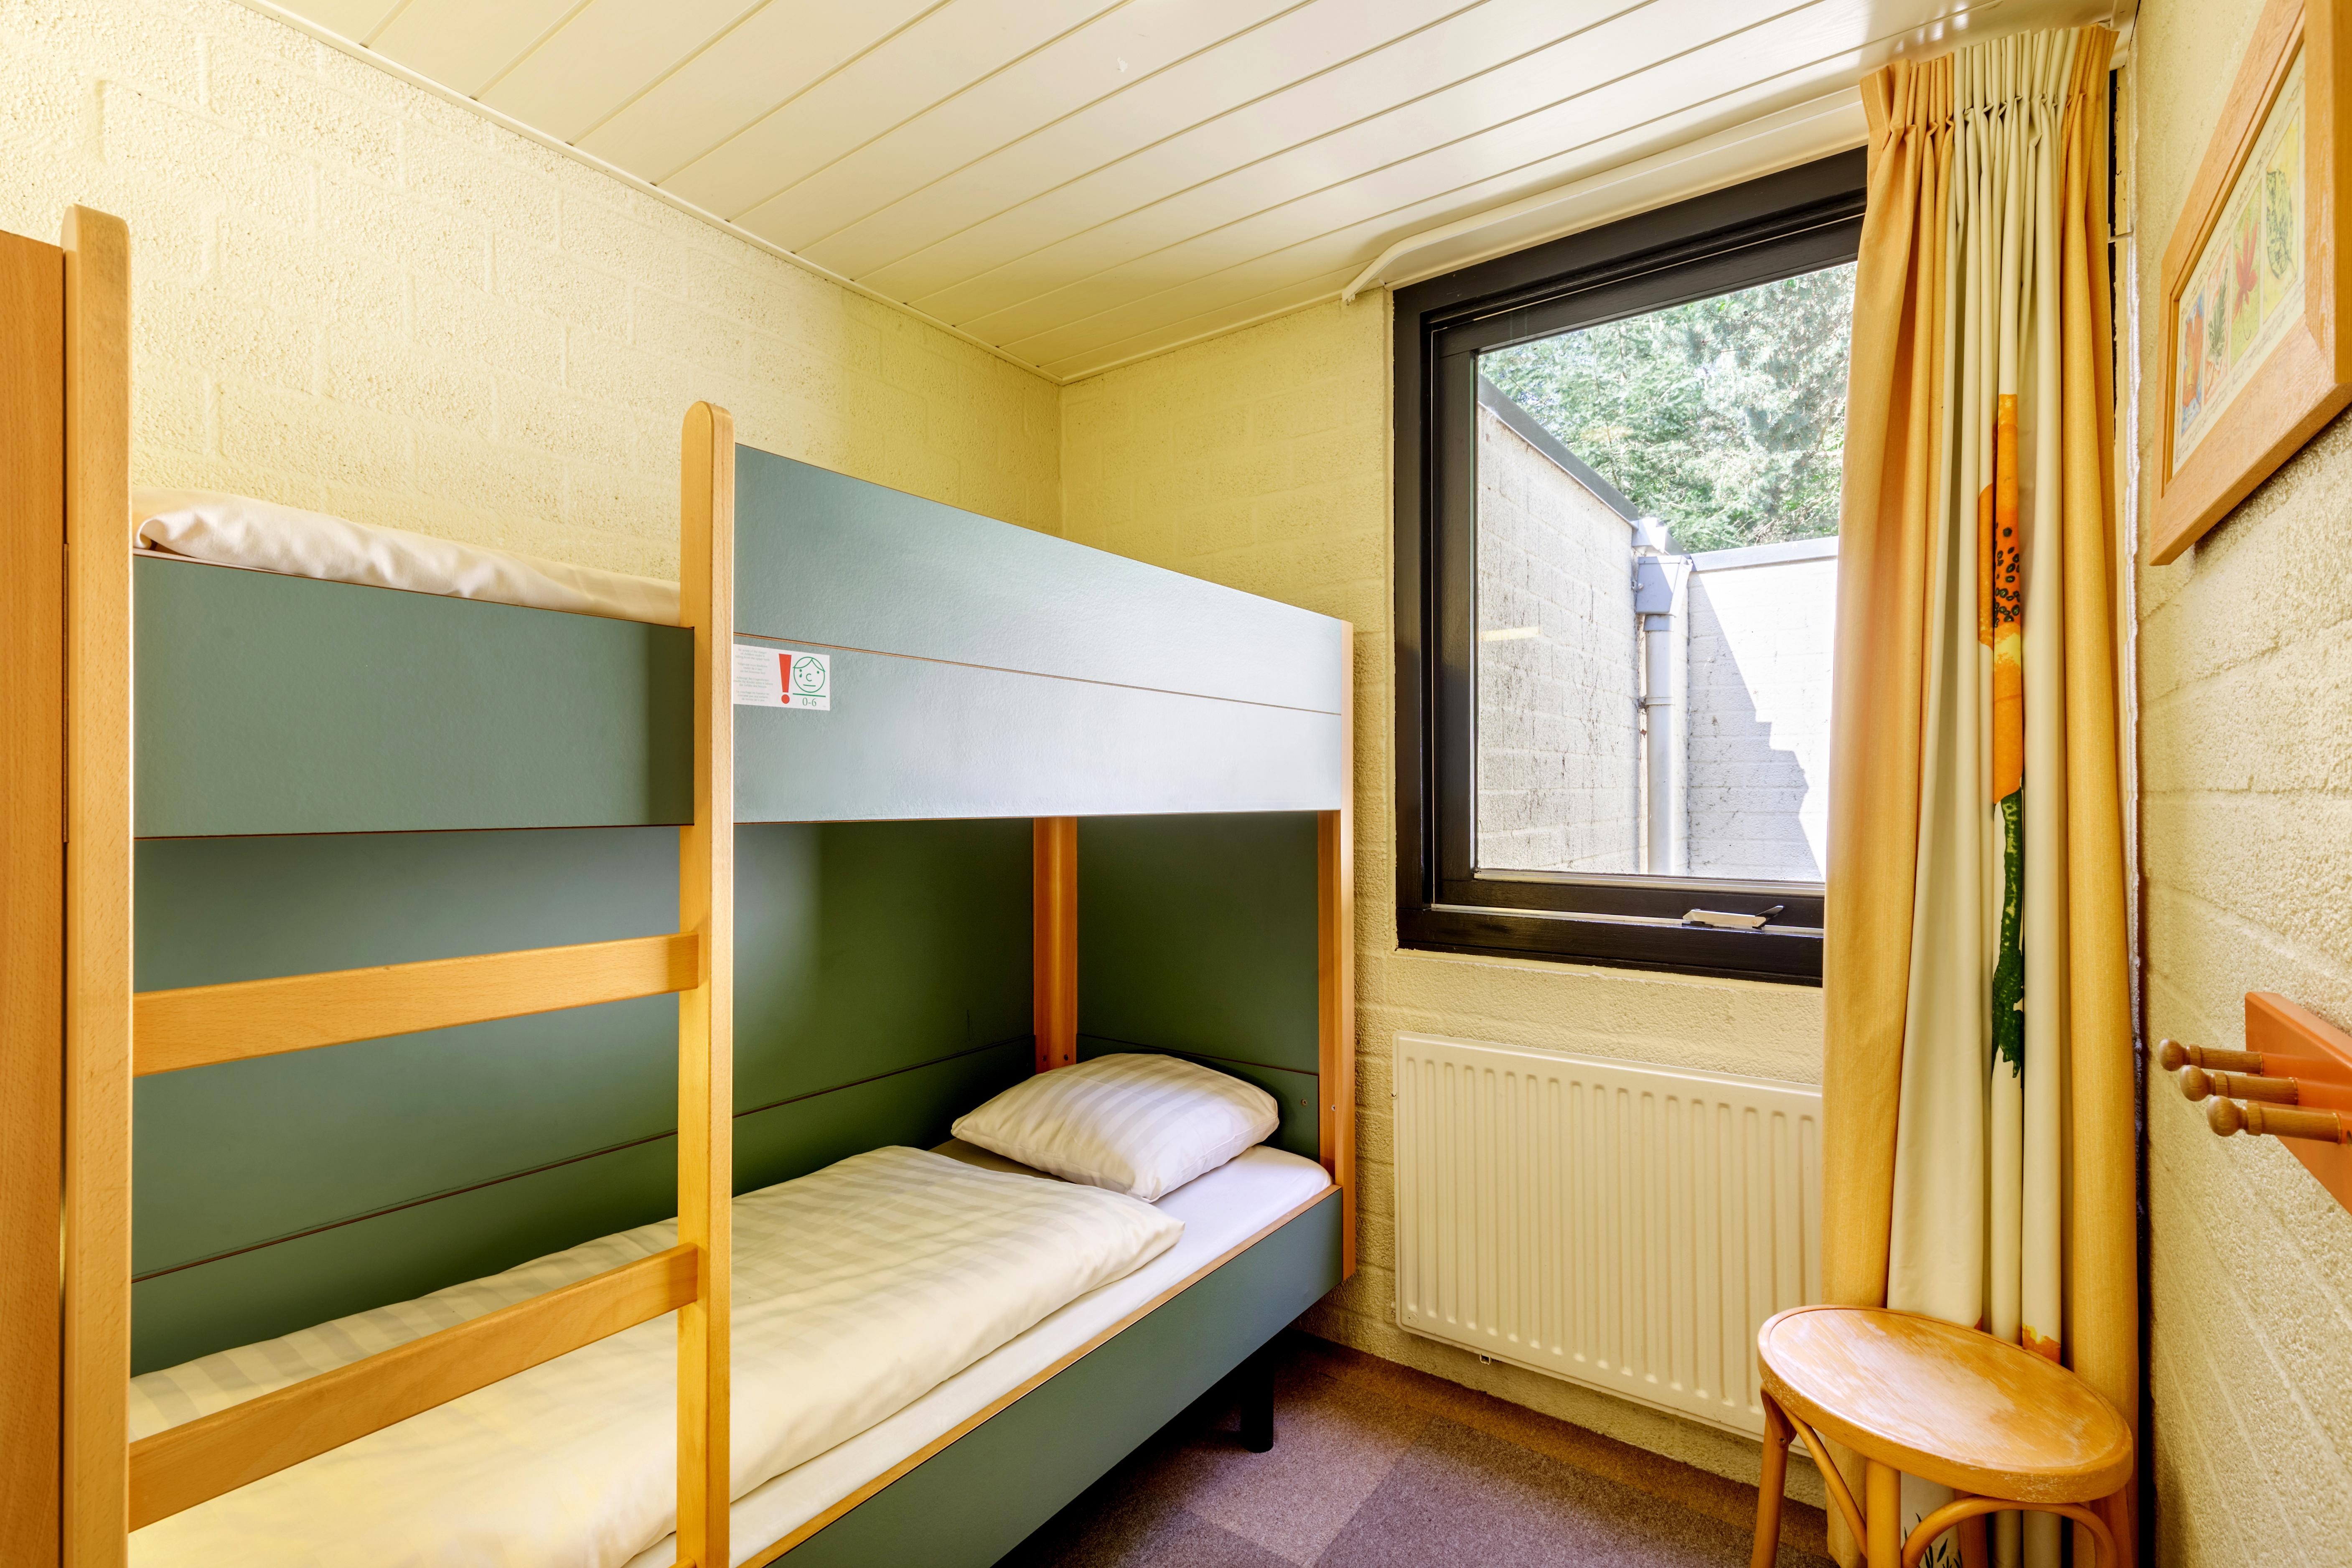 Ferienhaus Center Parcs  De Huttenheugte - cottage 6 persons Comfort (2639183), Dalen (NL), , Drenthe, Niederlande, Bild 5